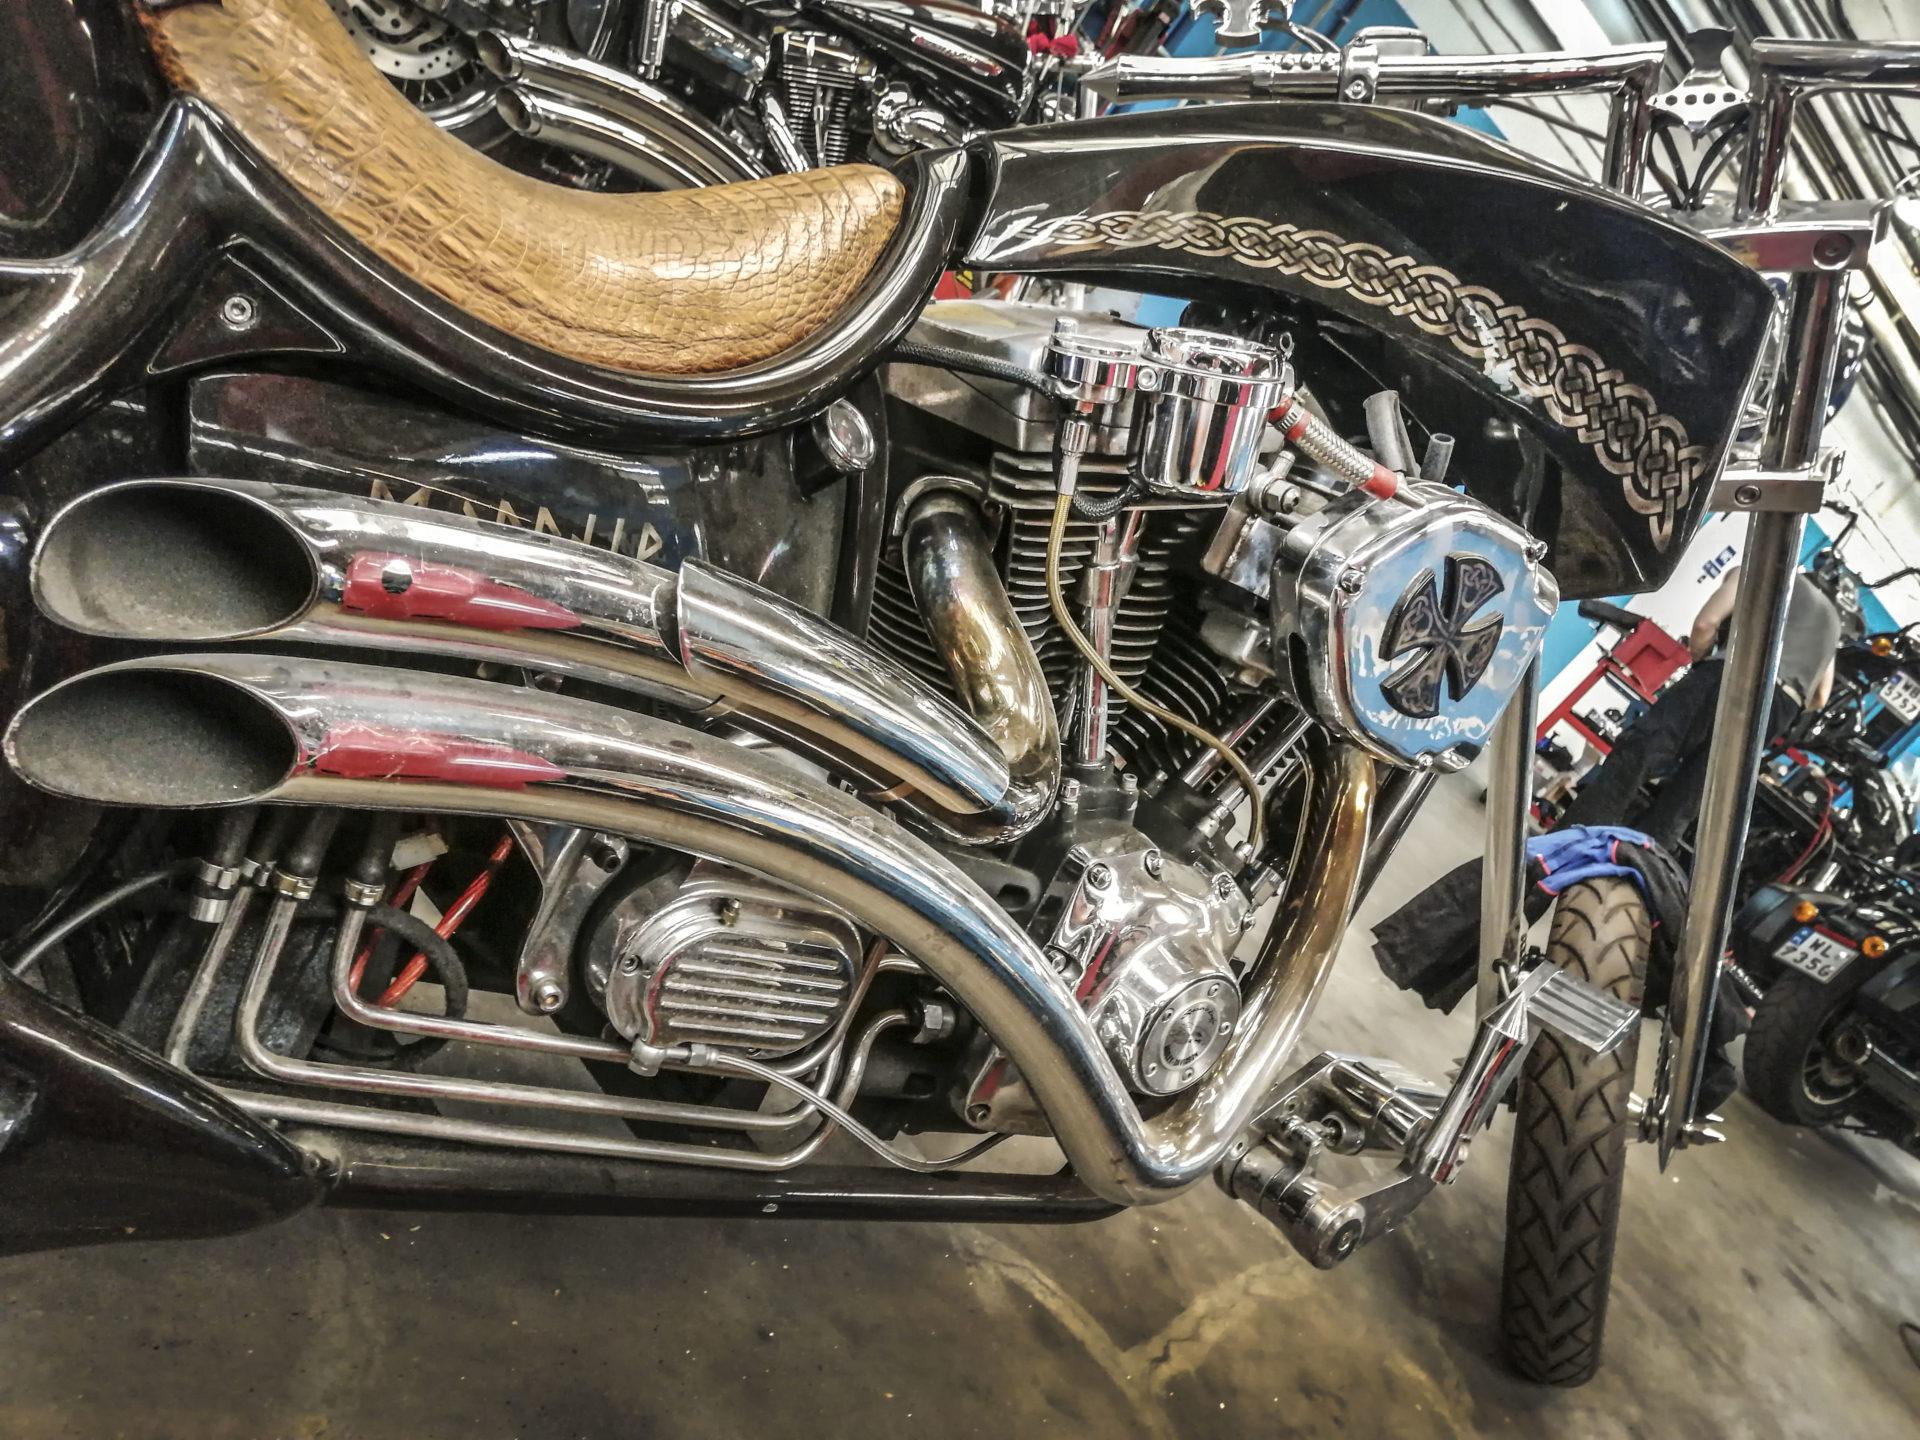 Jack's Motorcycle wypożyczalnie motocykli w Warszawie